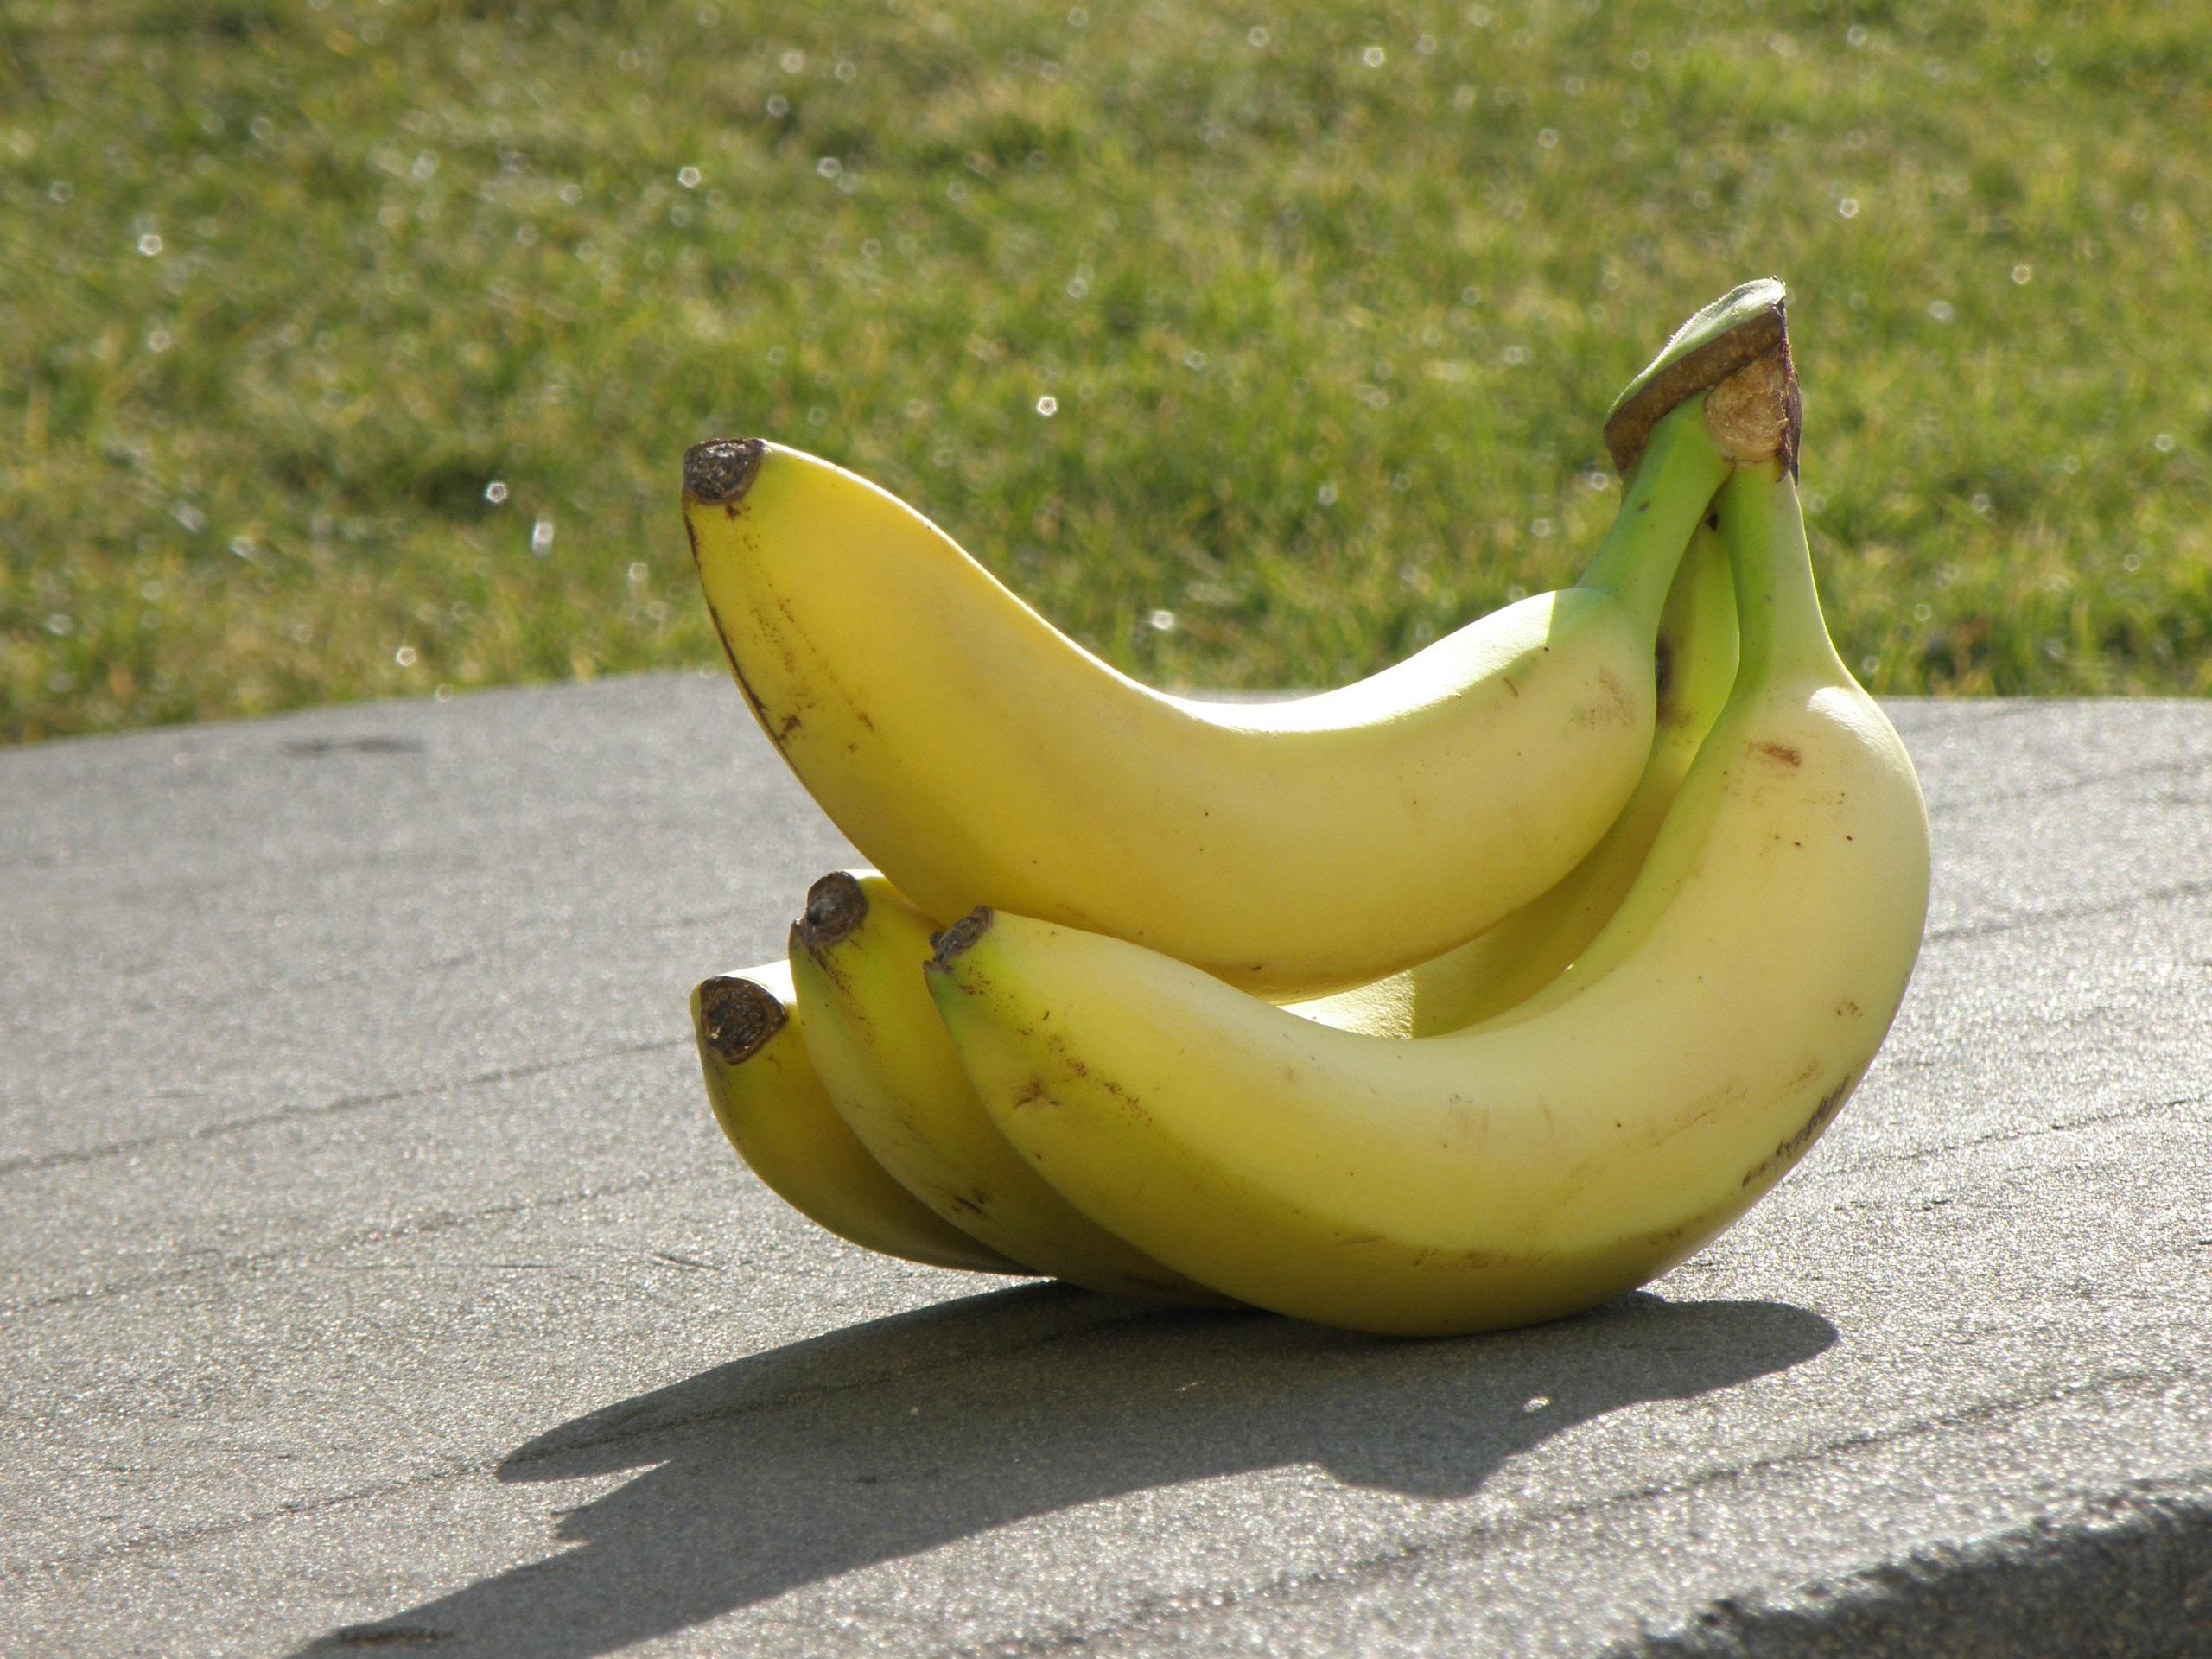 как жуют бананы фото увеличение